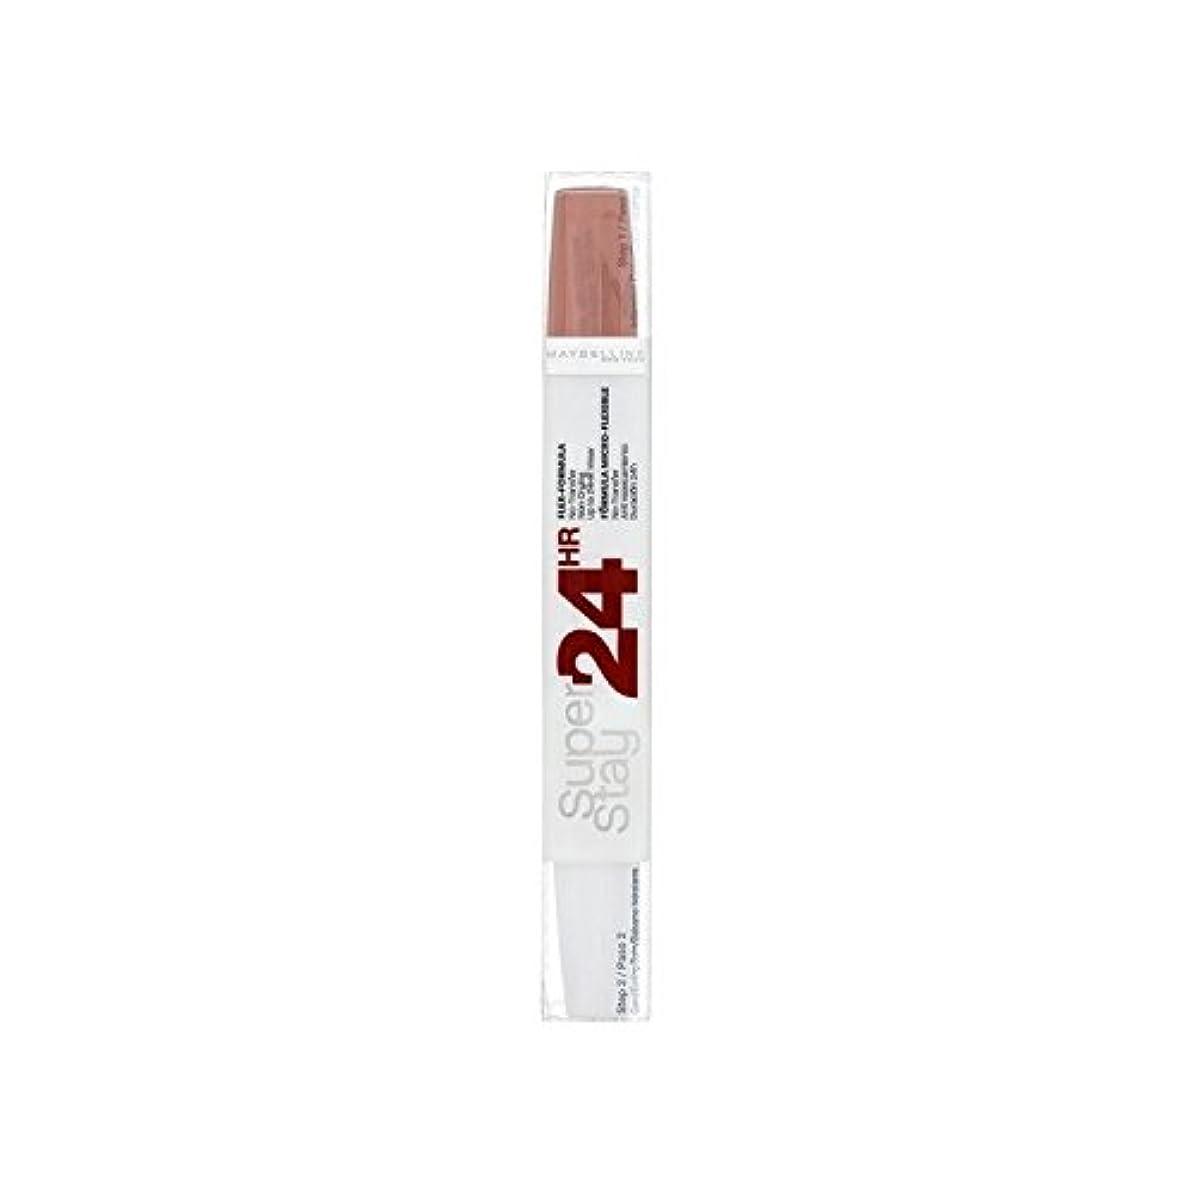 小麦粉バスルーム不健康メイベリン24デュアル口紅611カスタードプディングの9ミリリットル x4 - Maybelline SuperStay24H Dual Lipstick 611 Cr?me Caramel 9ml (Pack of 4) [並行輸入品]